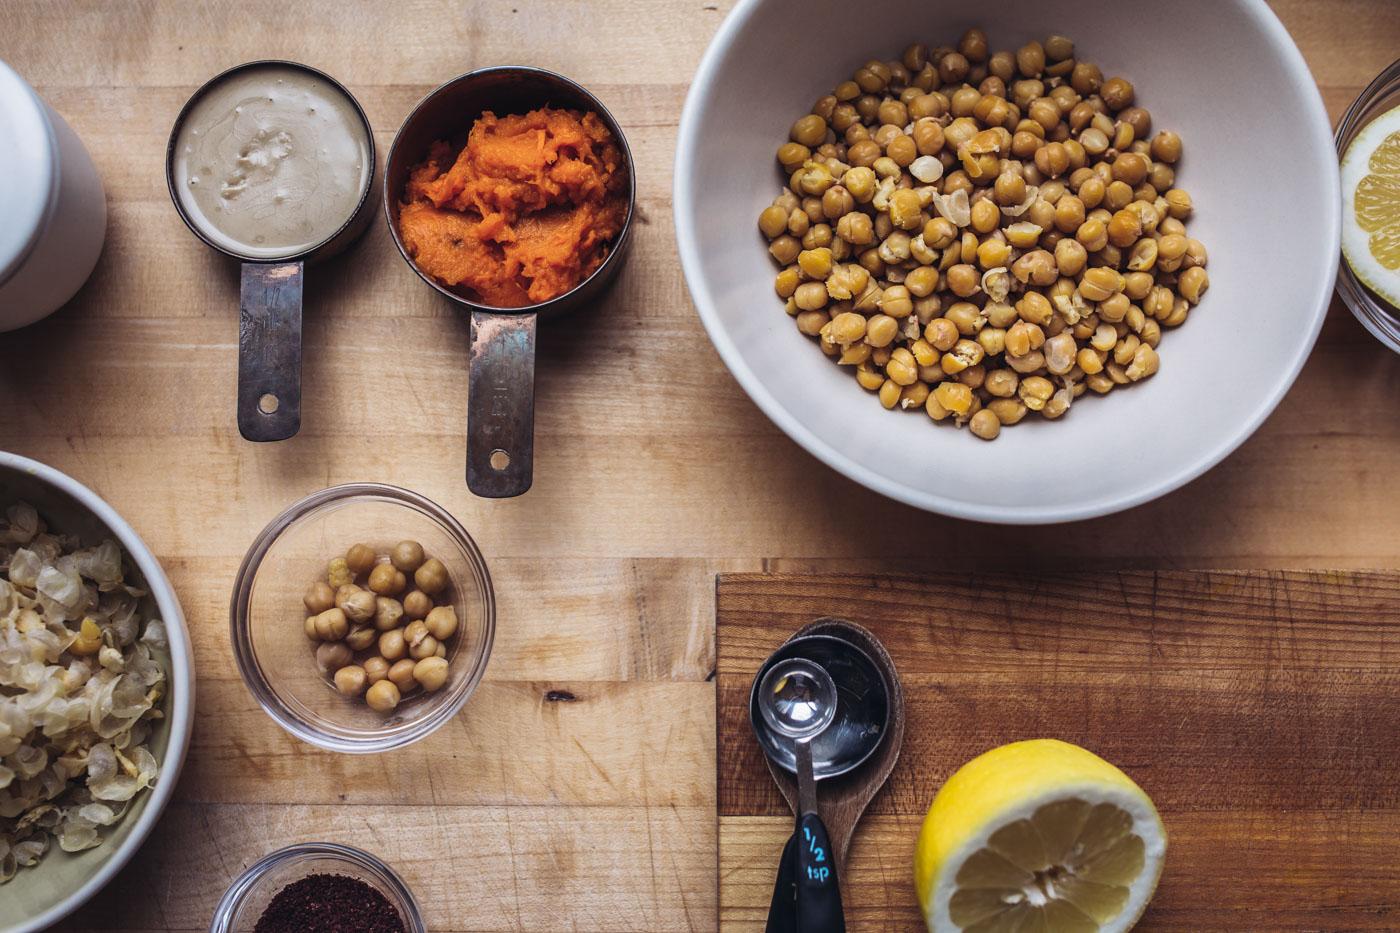 Ingredients for sweet potato hummus